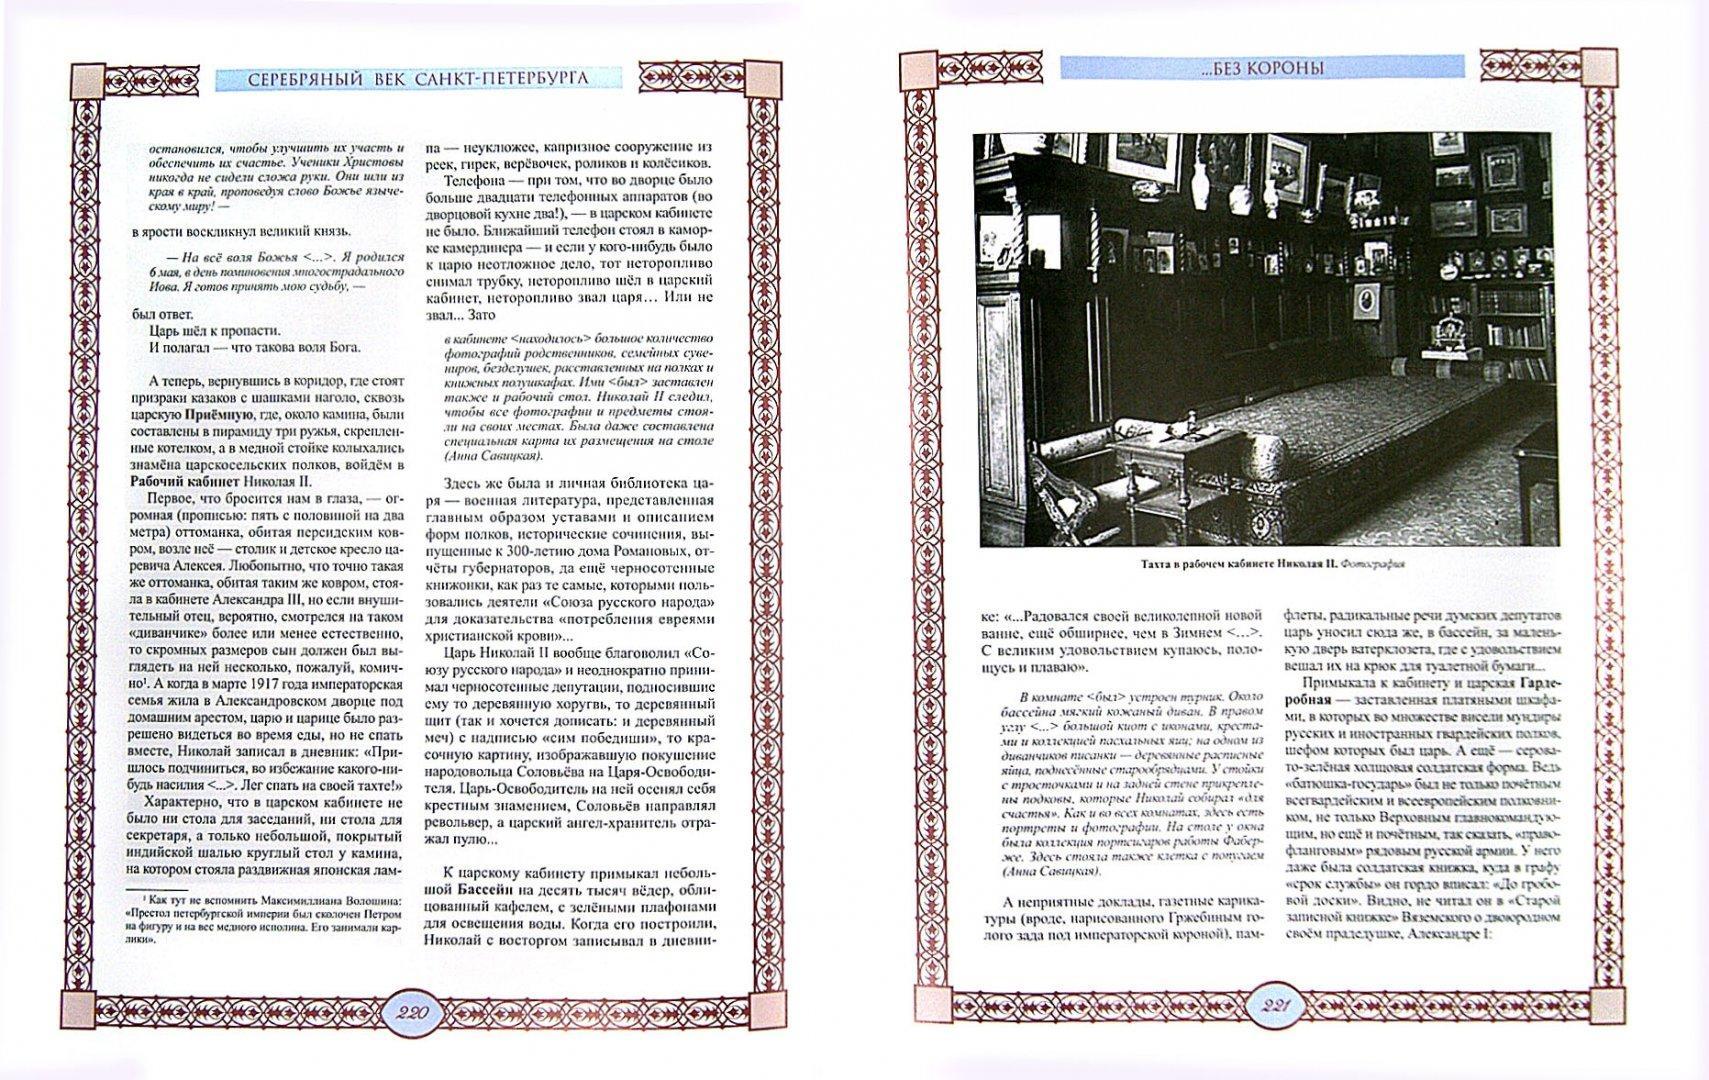 Иллюстрация 1 из 26 для Серебряный век Санкт-Петербурга - Клубков, Жуков | Лабиринт - книги. Источник: Лабиринт